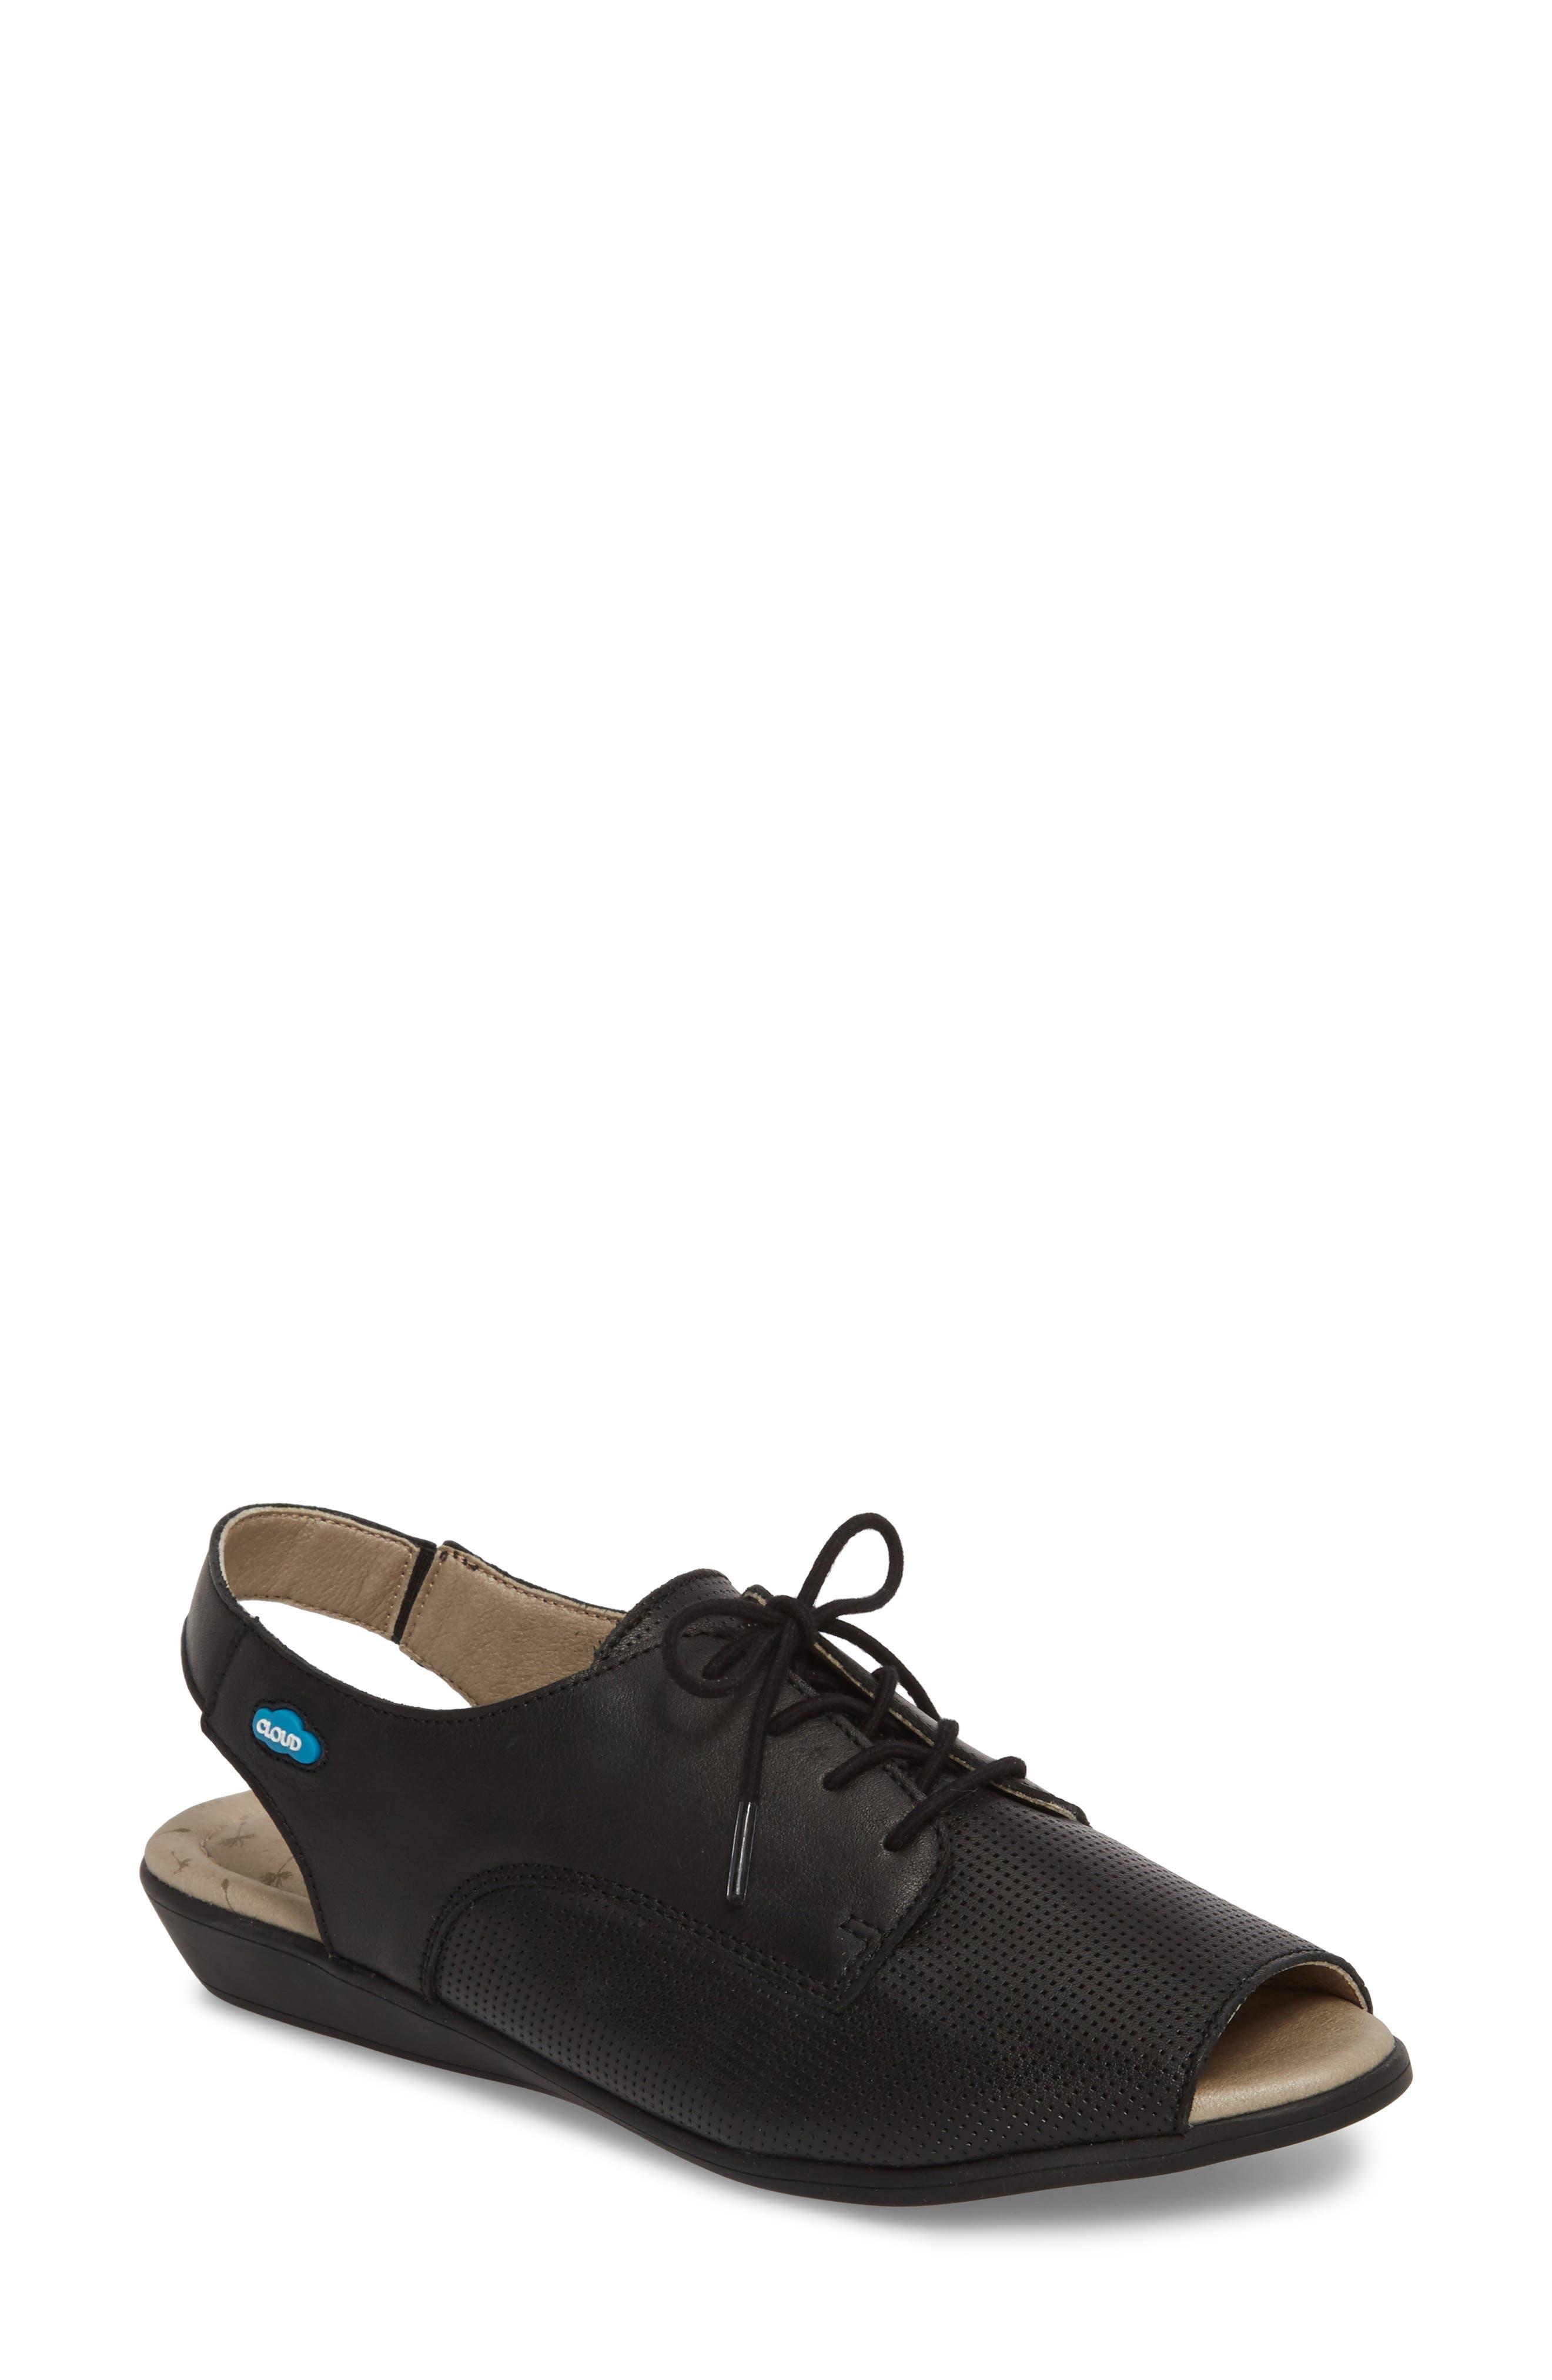 Cleone Slingback Sandal,                             Main thumbnail 1, color,                             BLACK LEATHER